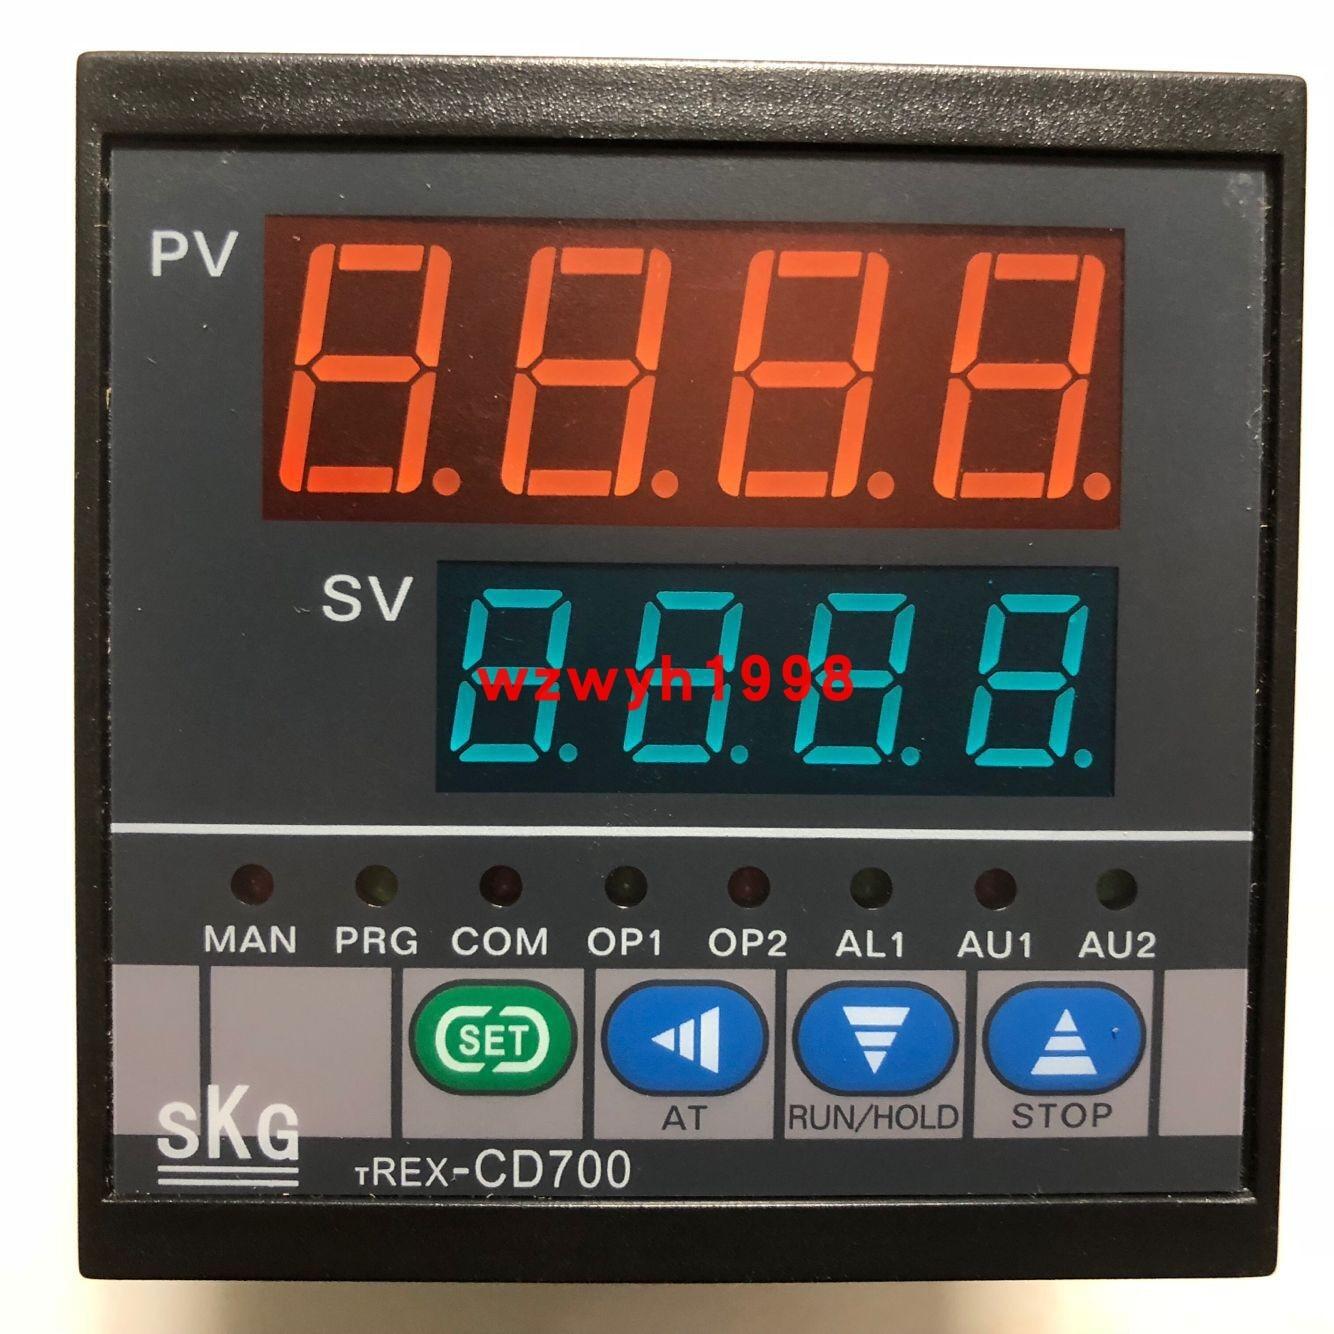 SKG وحدة عالية الدقة متحكم في درجة الحرارة TREX-CD900 تتابع الناتج تتابع الحالة الصلبة الناتج 4-20MA